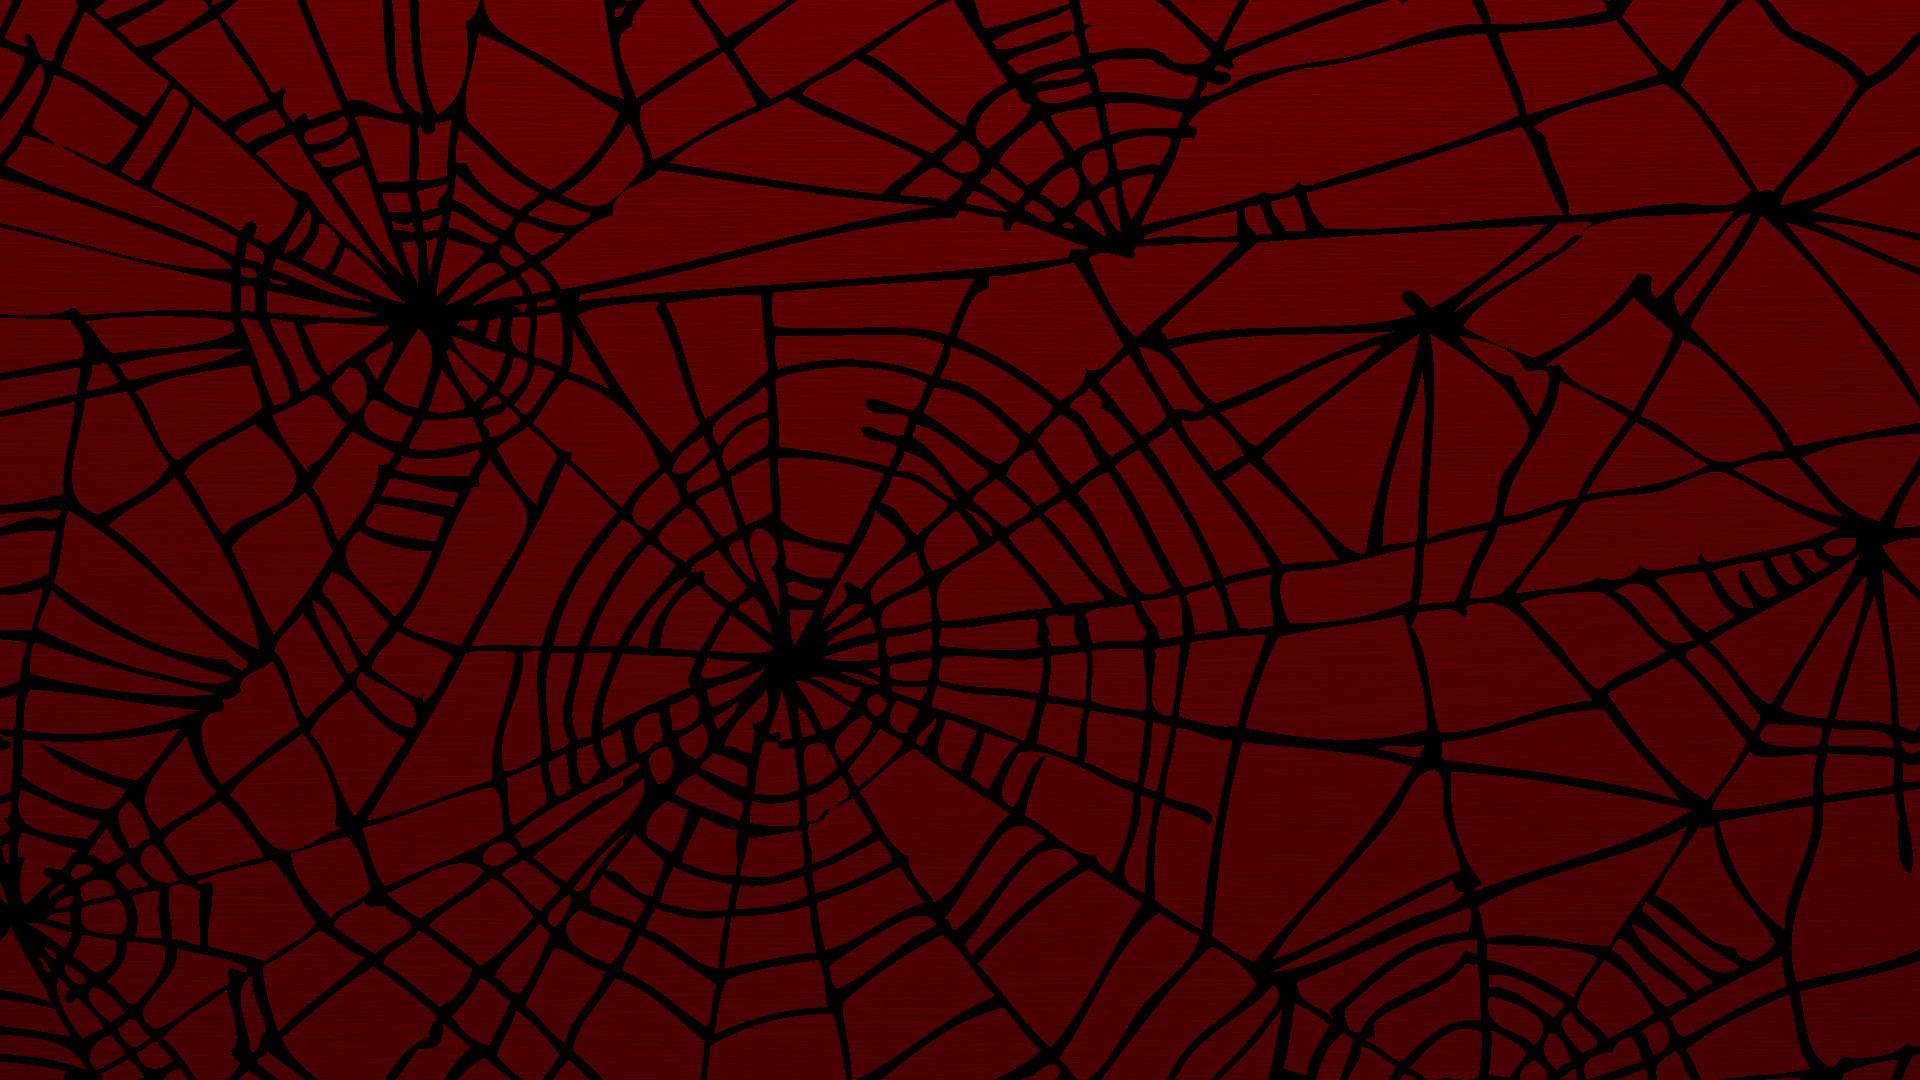 http://getwallpapers.com/wallpaper/full/5/e/6/1091061-crimson-wallpaper-1920x1080-for-ipad-2.jpg